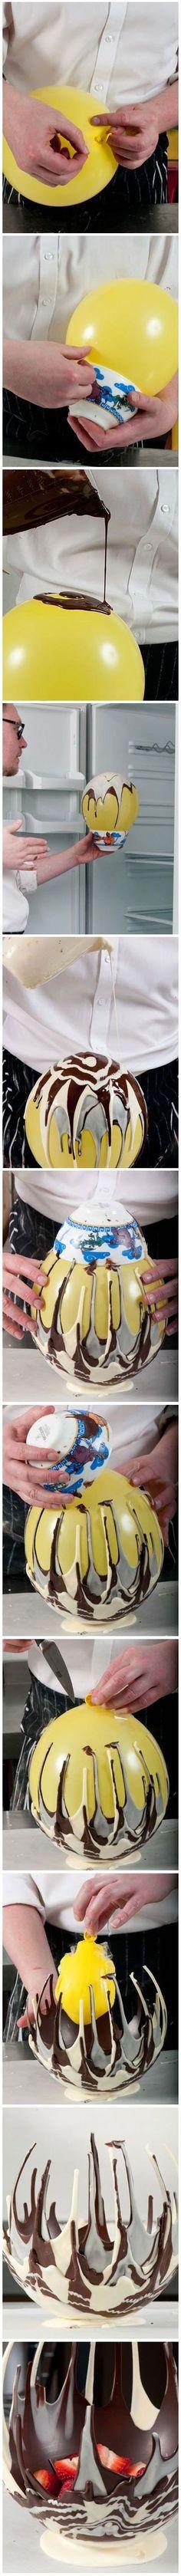 Chocolate Bowl, Wow!